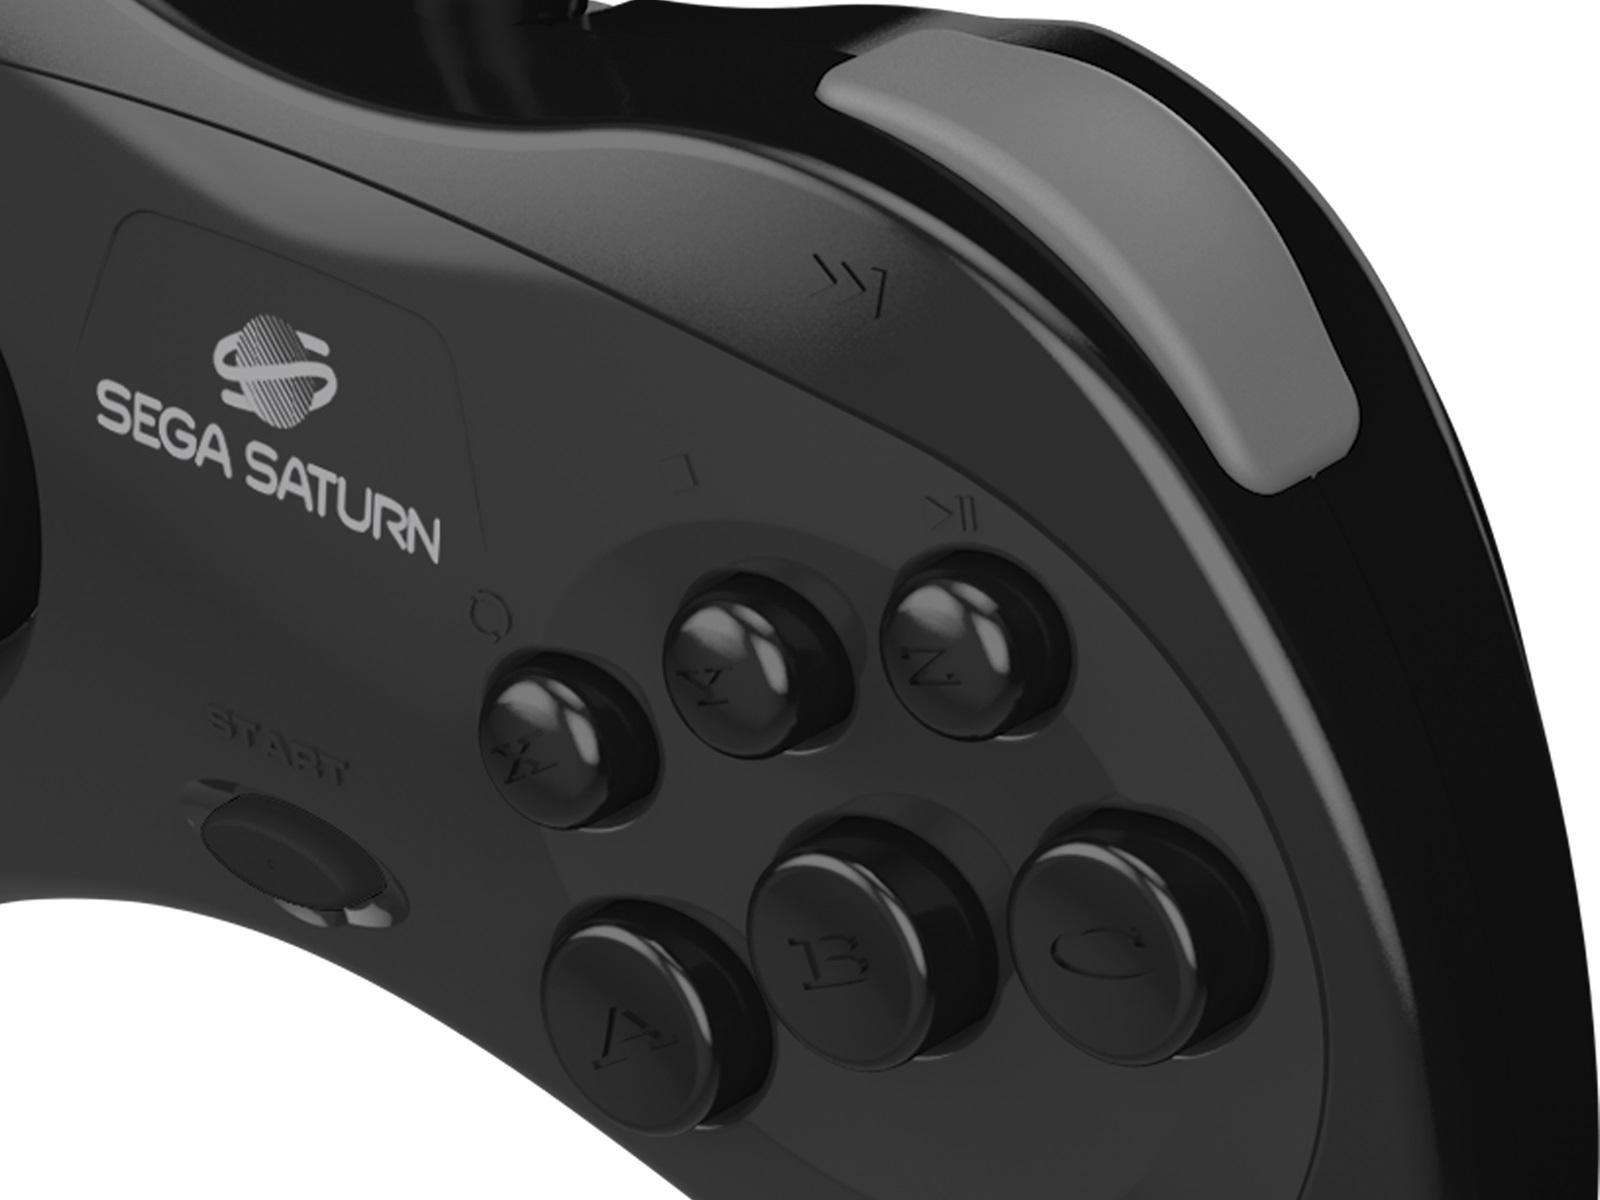 Review: Retro-Bit Licensed Sega Genesis/Sega Saturn Controllers